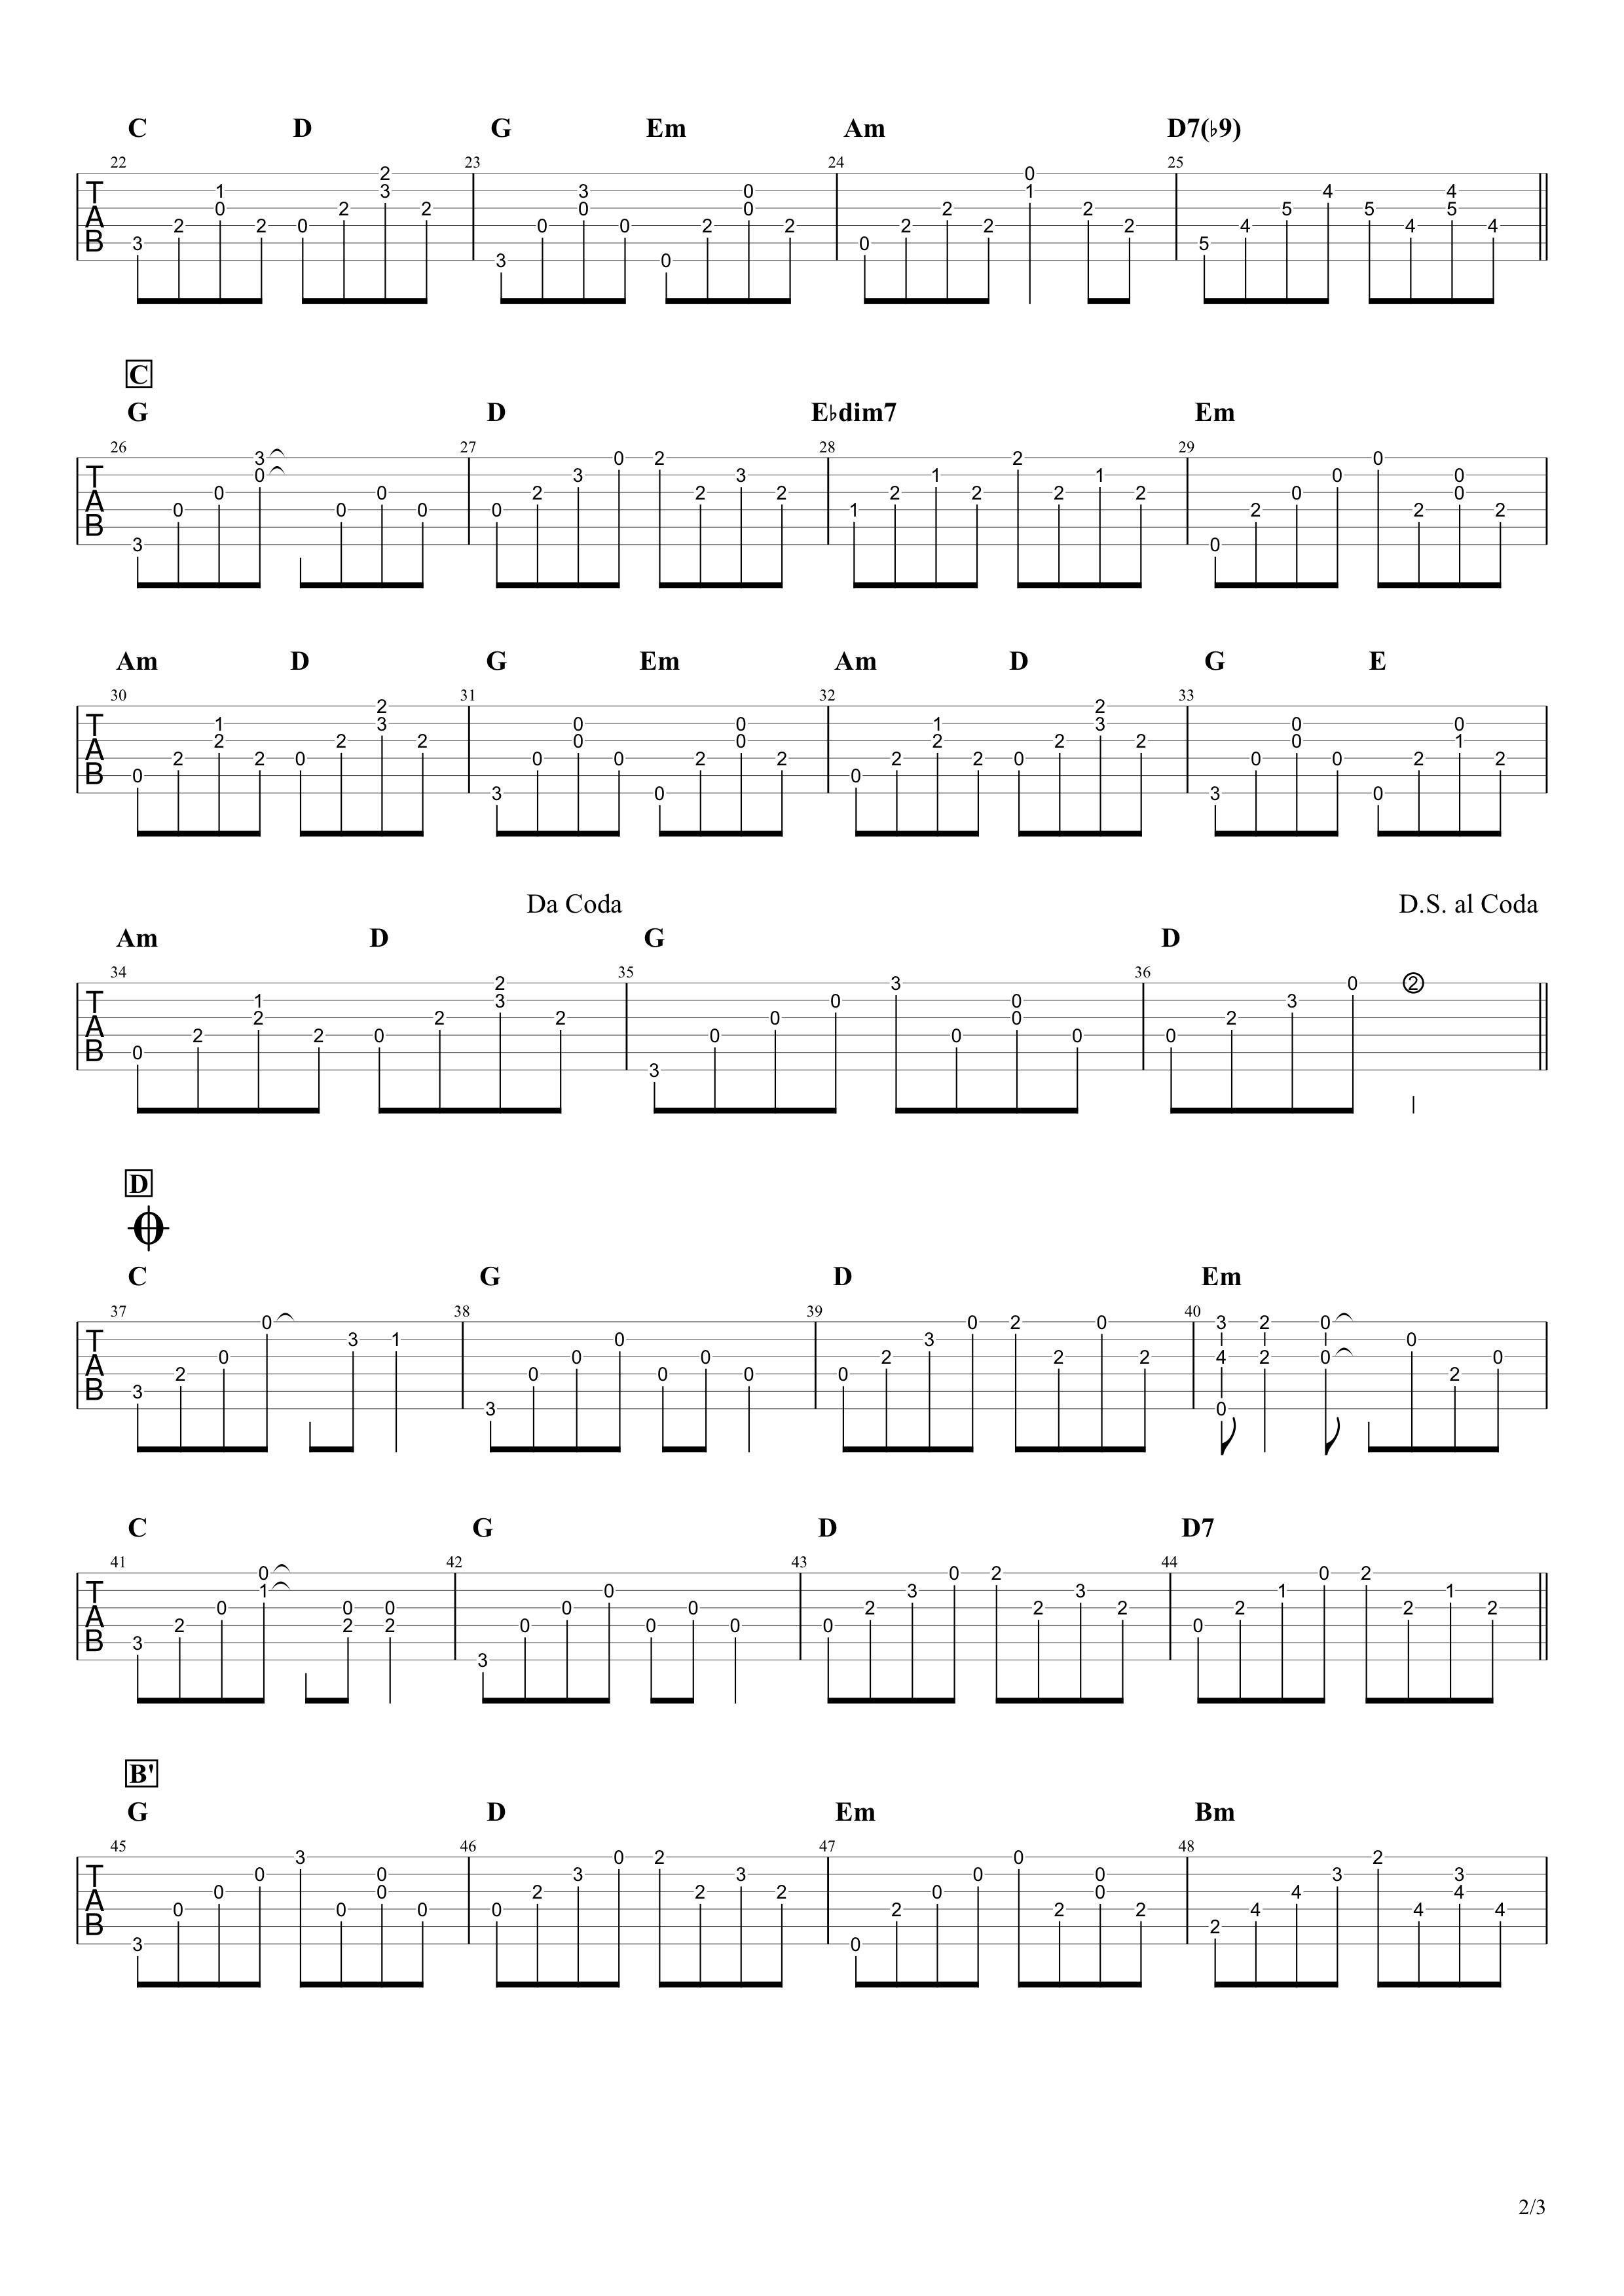 ウェディング・ソング/斉藤和義 ギタータブ譜 アルペジオほぼ完コピVer.02